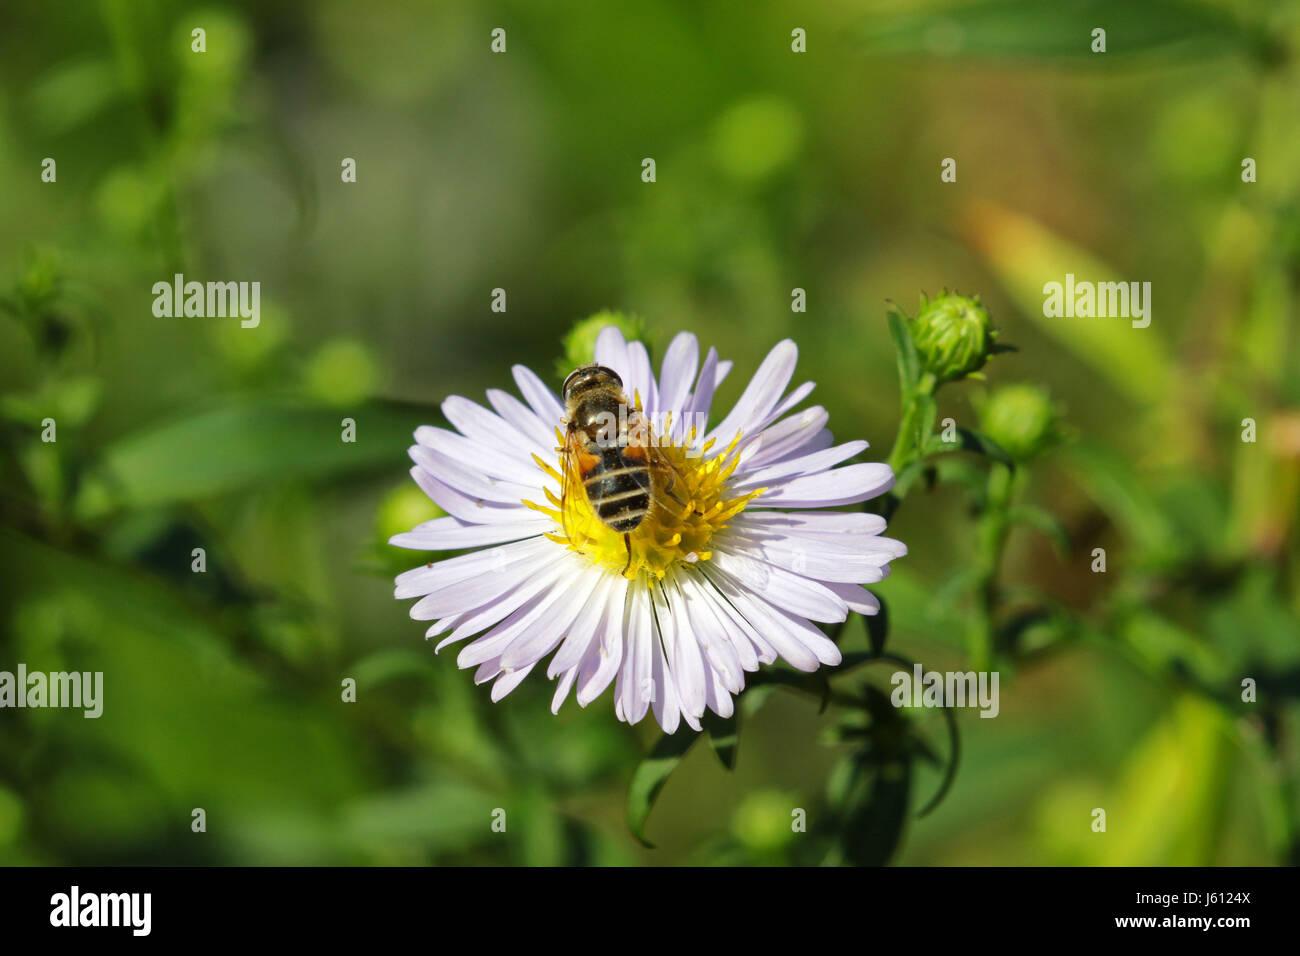 Macro of  bee feeding on daisy - Stock Image